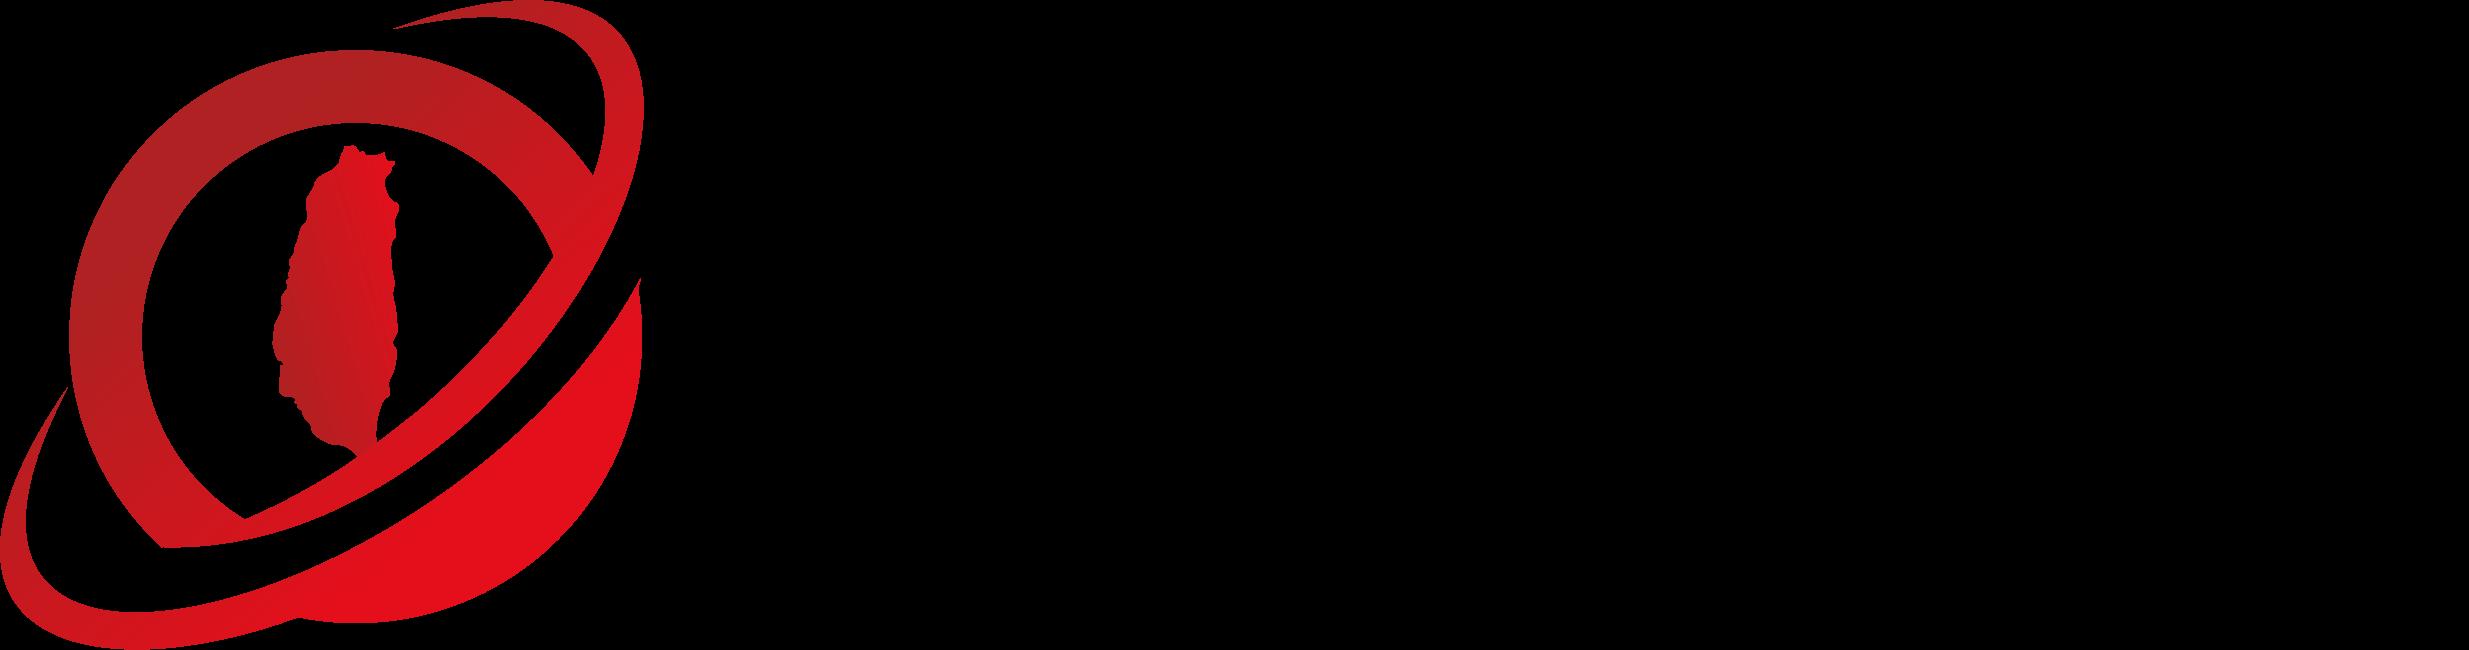 1BigTeam - Buffy團隊